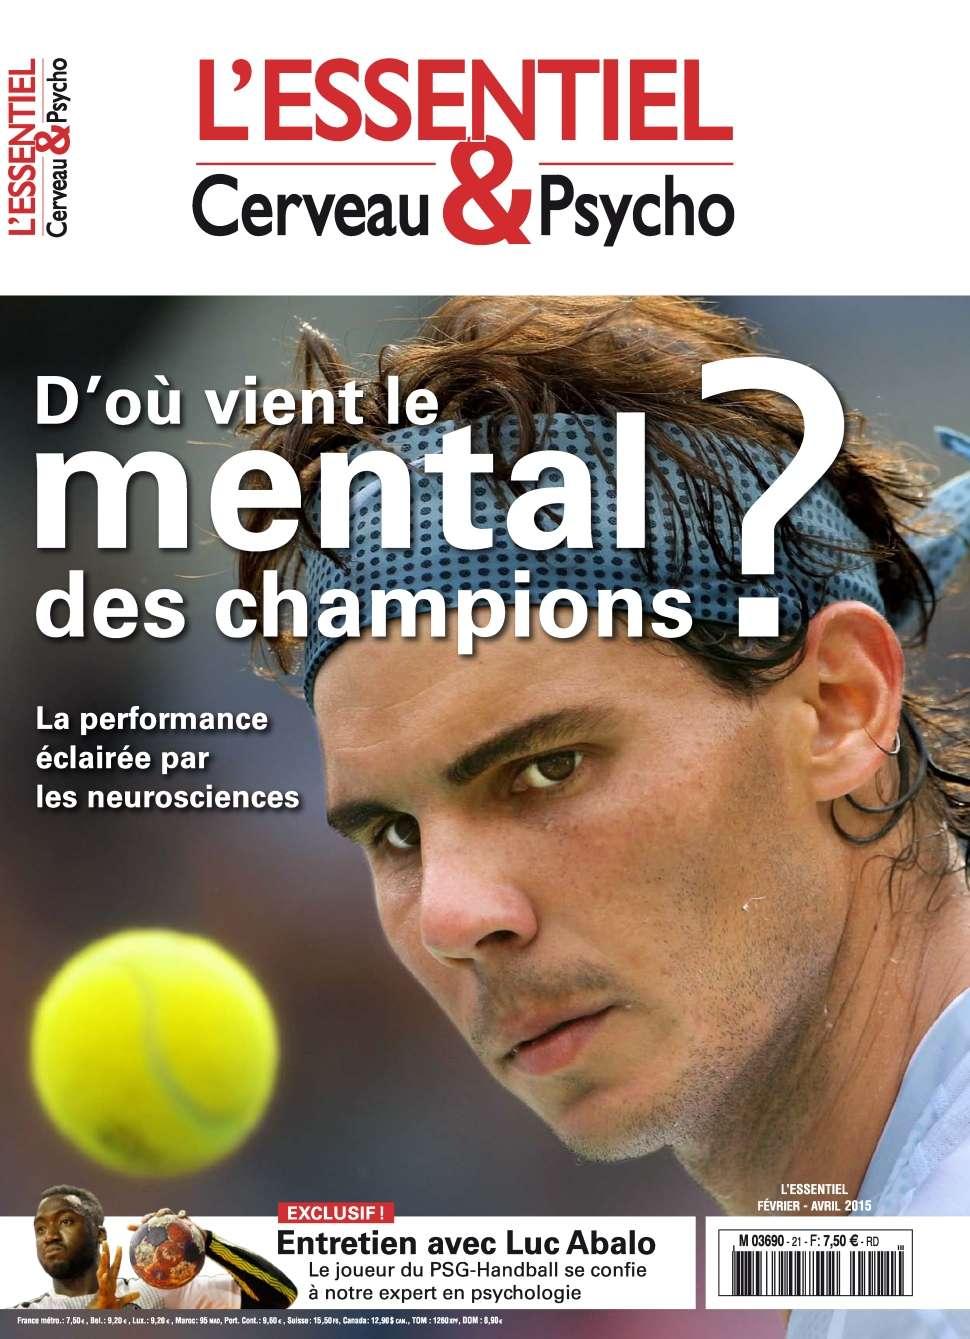 Cerveau & Psycho L'Essentiel 21